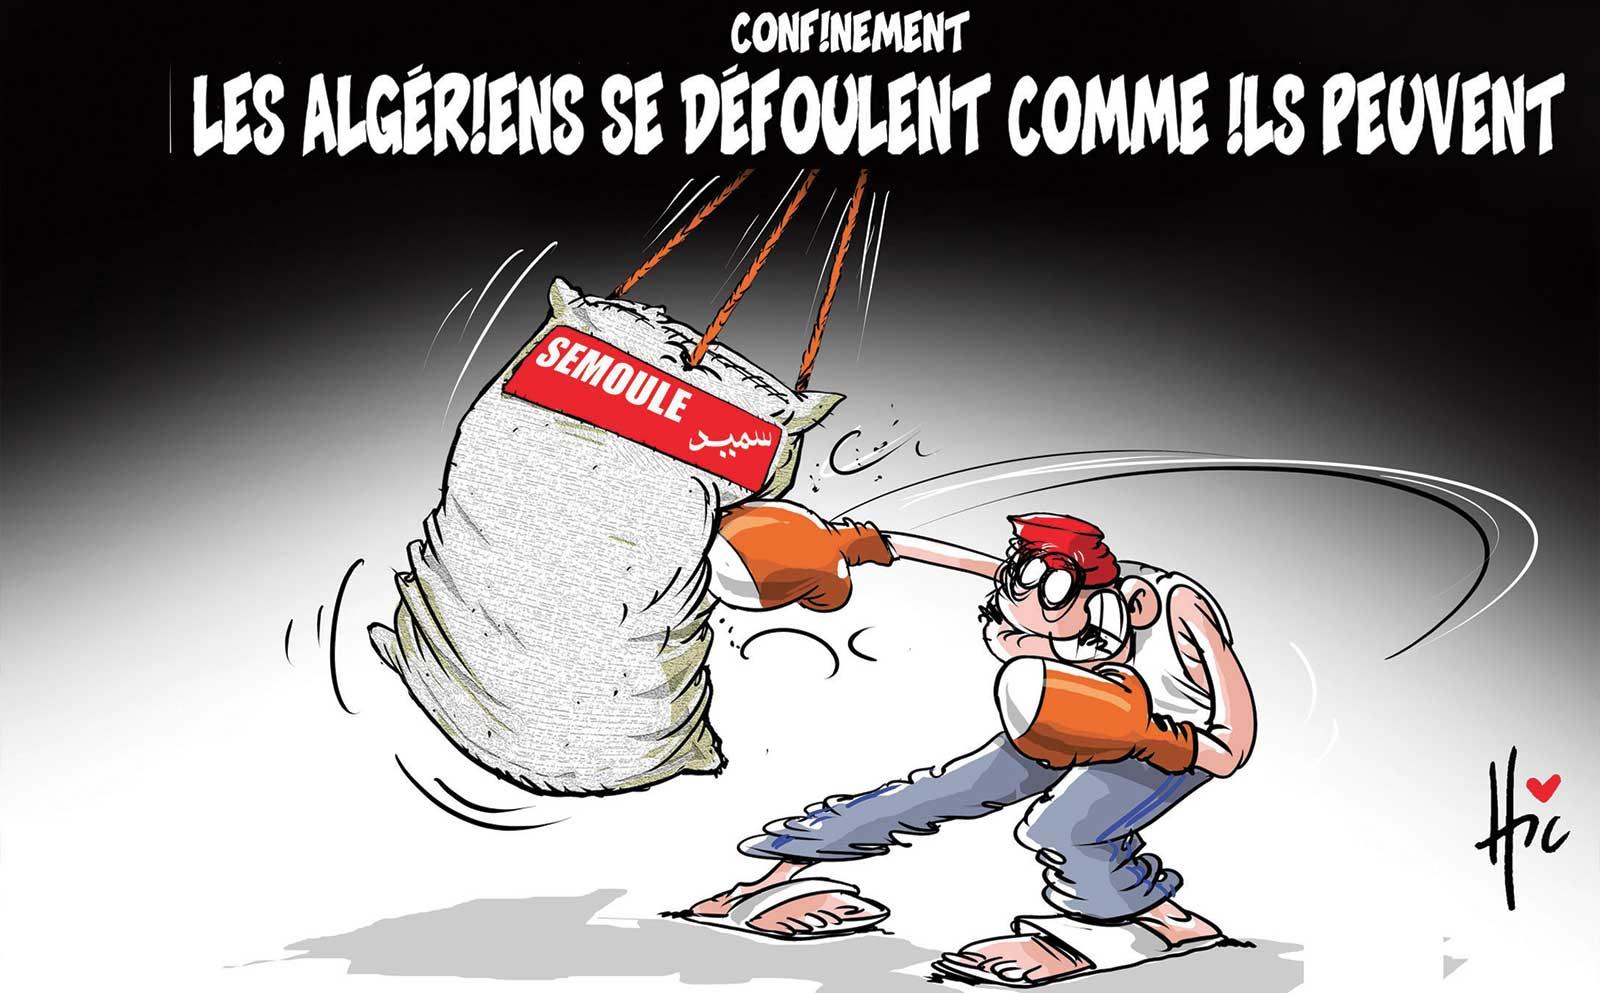 Confinement : Les algériens se défoulement comme il peuvent - Dessins et Caricatures, Le Hic - El Watan - Gagdz.com